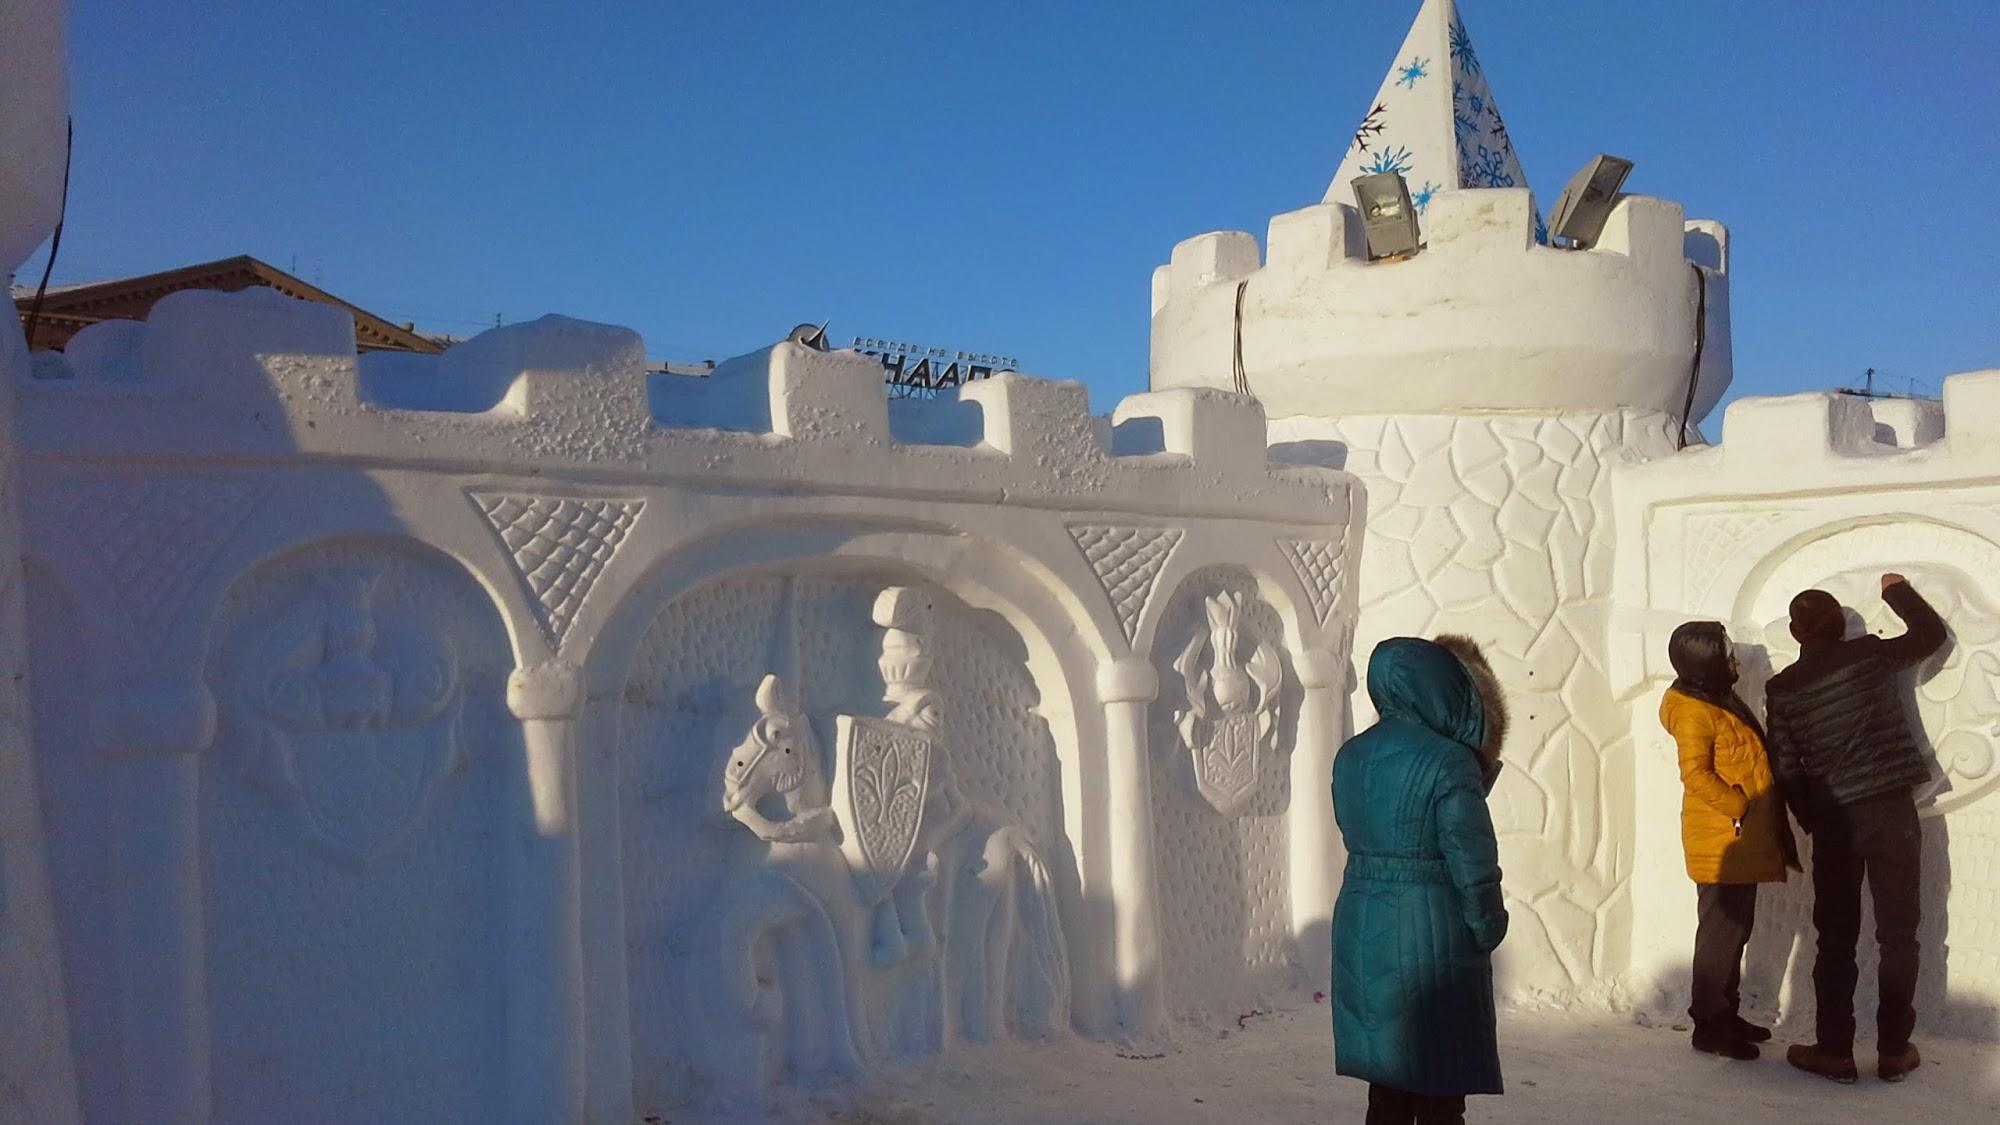 Ледовая скульптура Хабаровска - 2